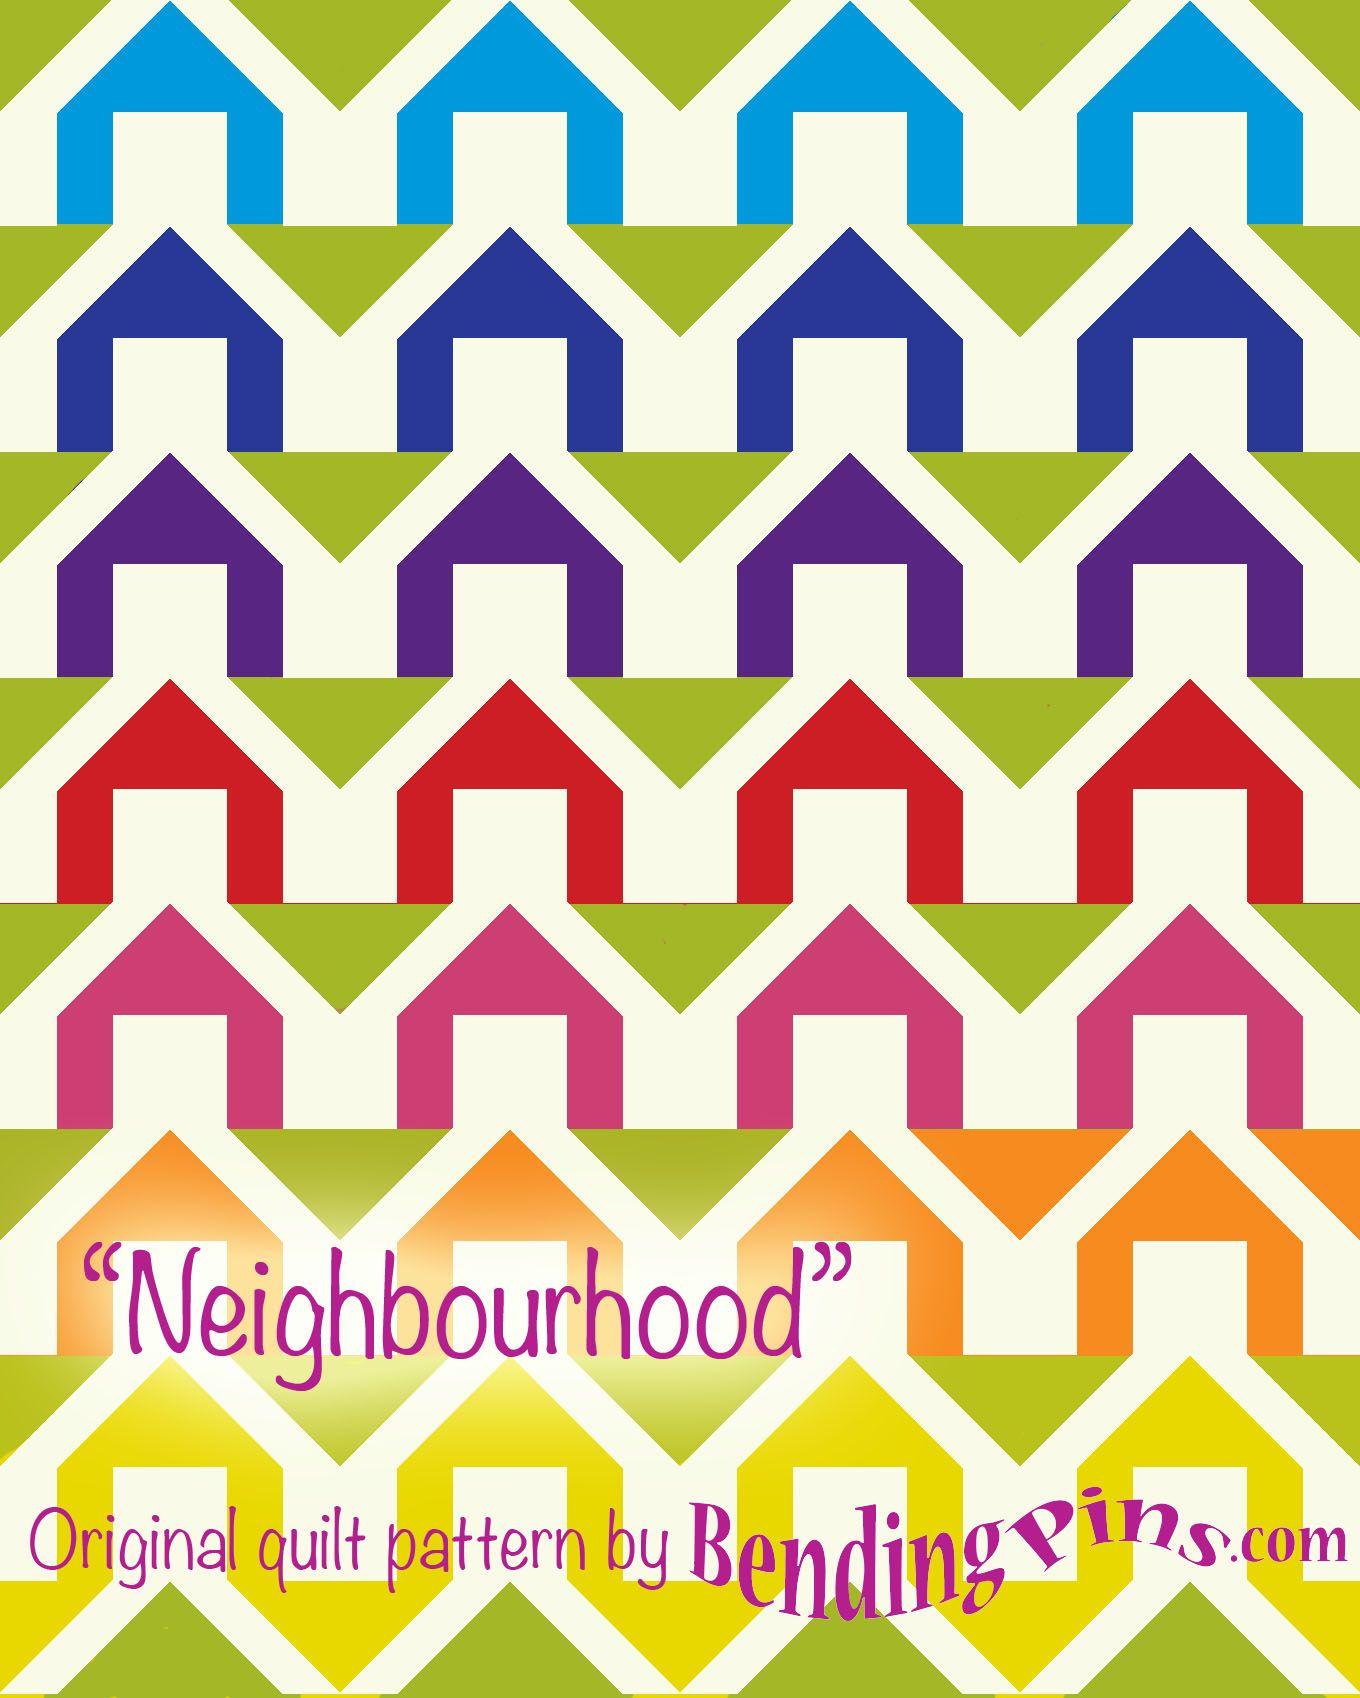 Neighbourhood free block pattern by Bending pins.com